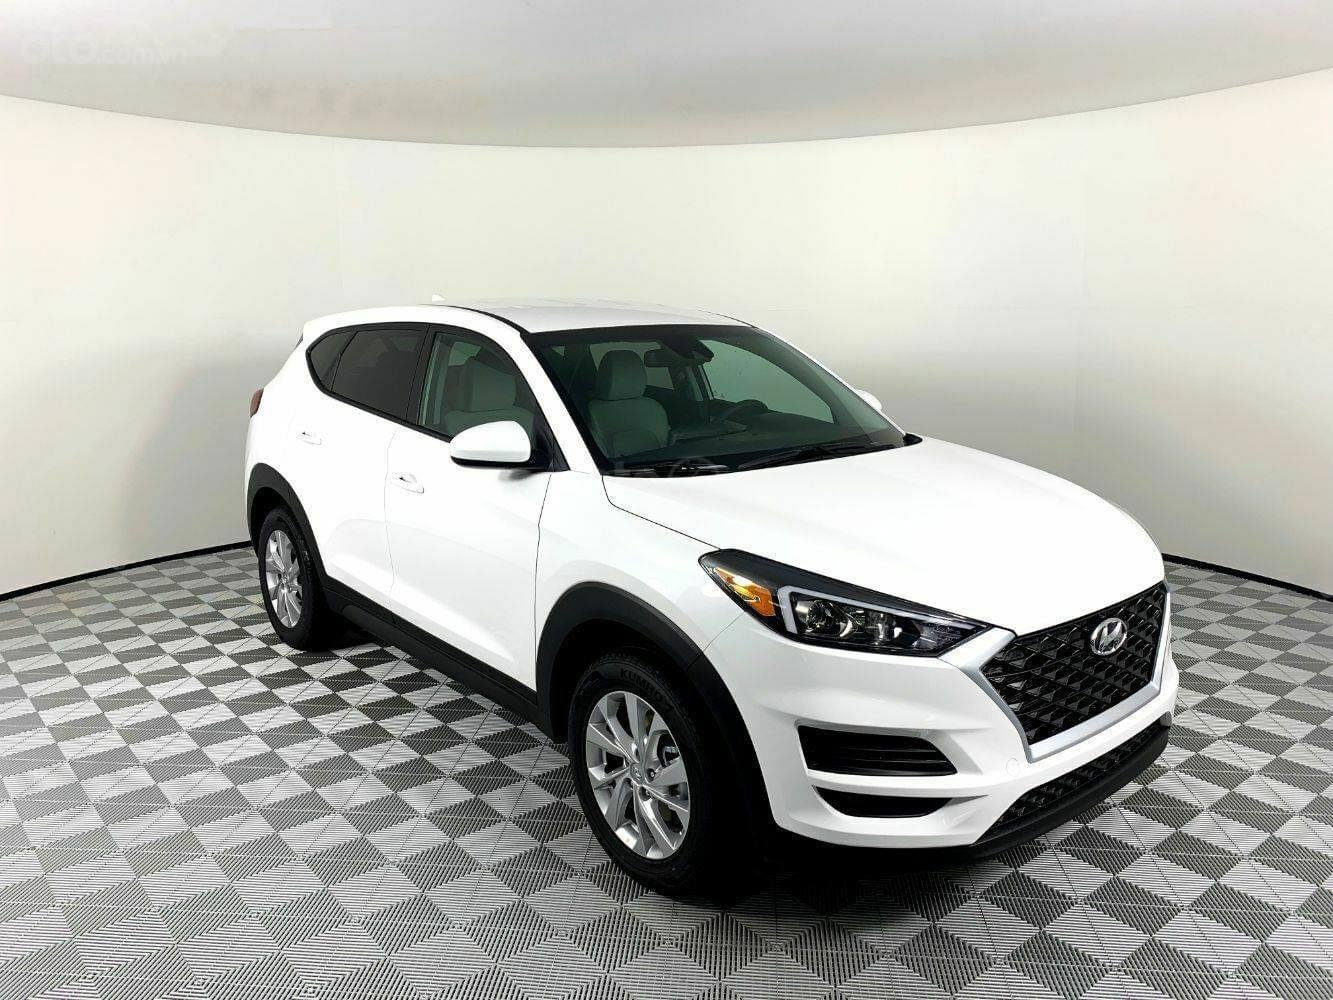 [TPHCM] Hyundai Tucson sẵn kho, đủ màu, hỗ trợ vay lên đến 85%+ chương trình khuyến mãi hấp dẫn (5)